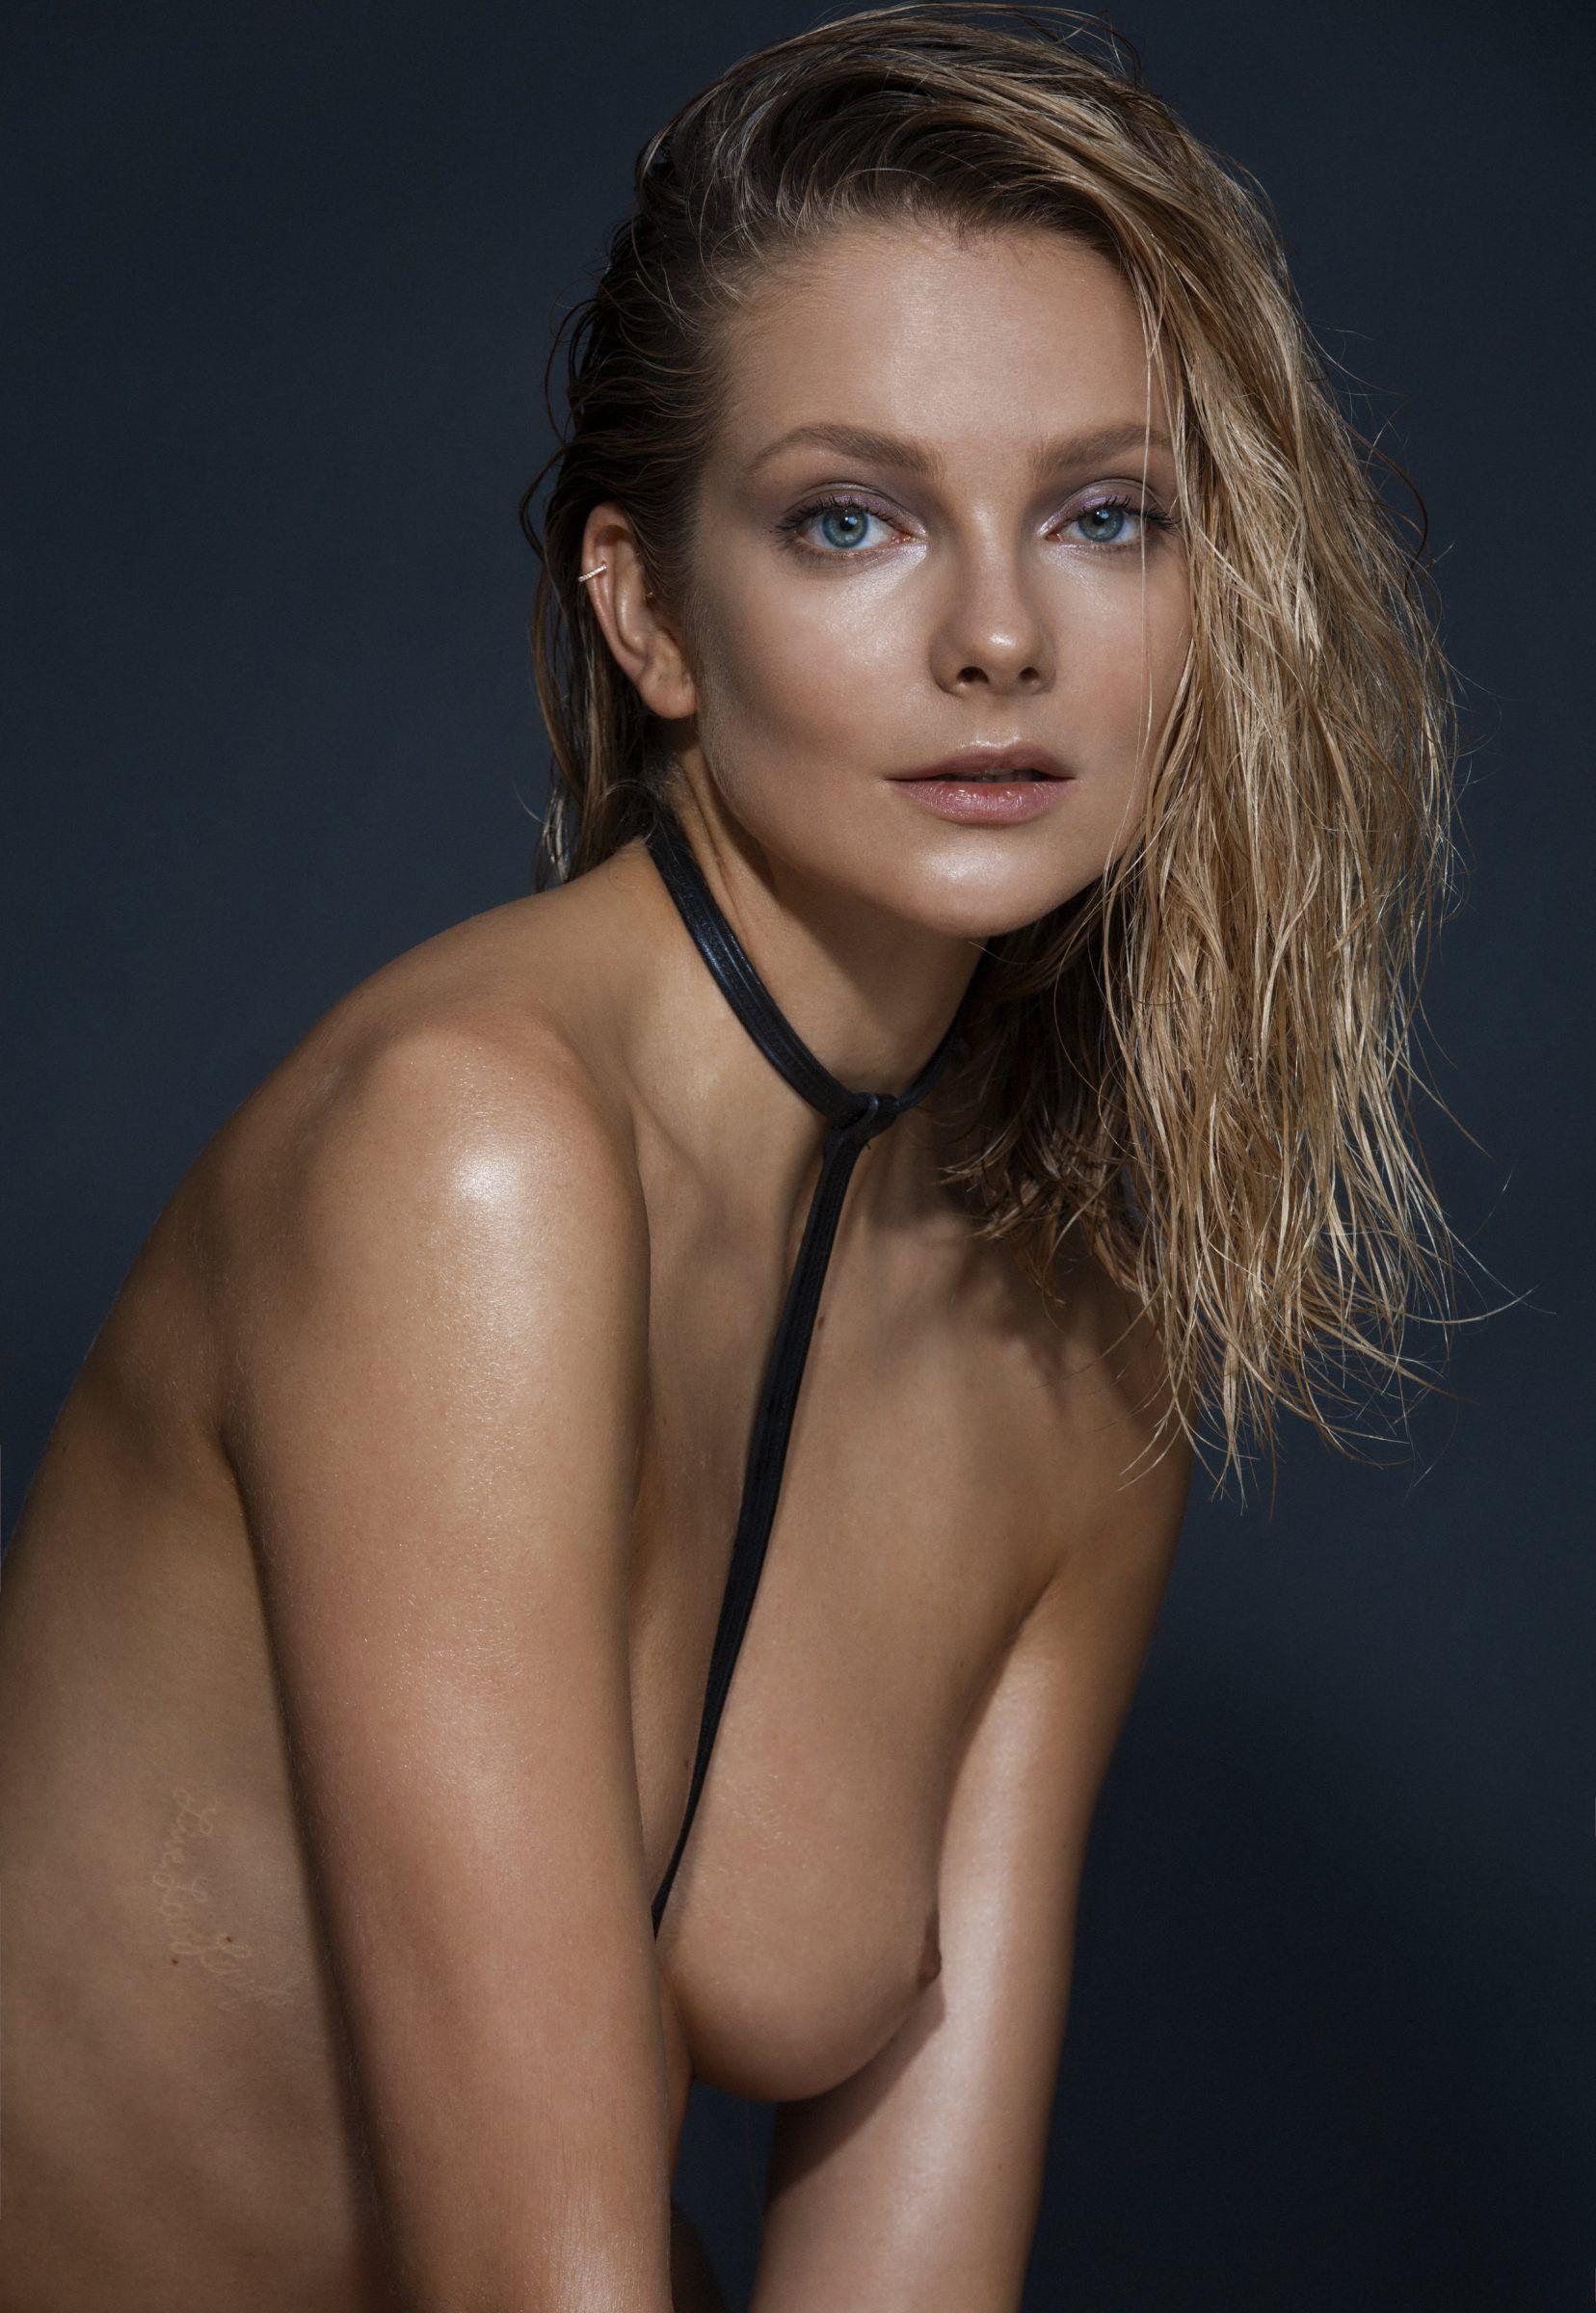 Eniko mihalik see through sexy pics naked (58 photos), Tits Celebrites photo